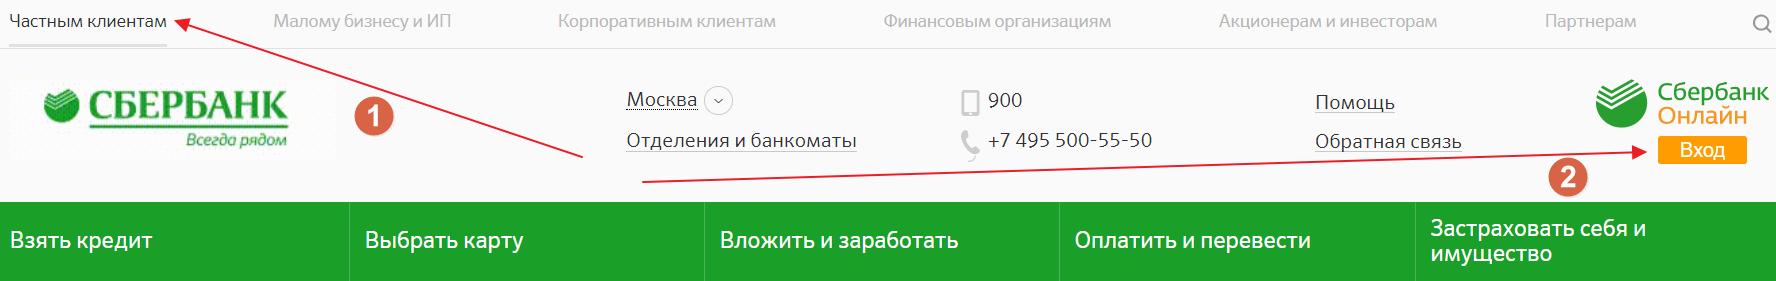 Сбербанк Онлайн вход на личную страницу системы5c628d676dcc2